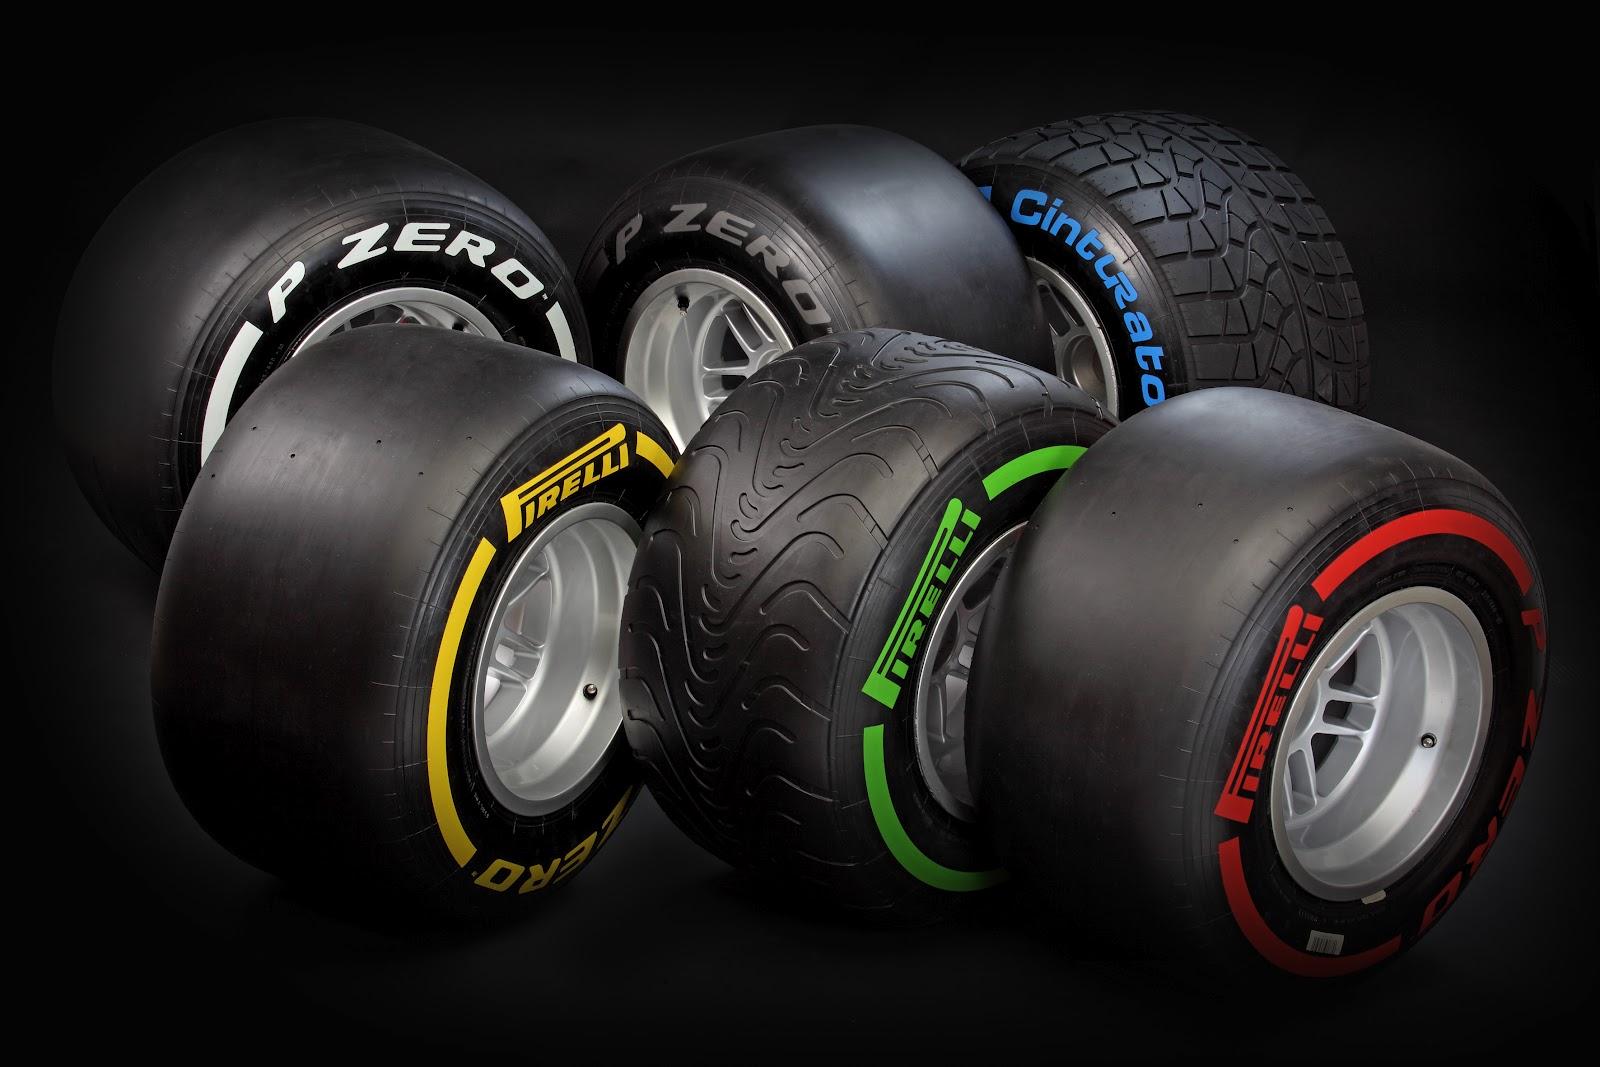 http://1.bp.blogspot.com/-JPl-Lg2lPXI/TzFOpY-fZmI/AAAAAAAAN60/HHUo4pCiTd0/s1600/Pirelli_2012-F1_Tyres_01.jpg